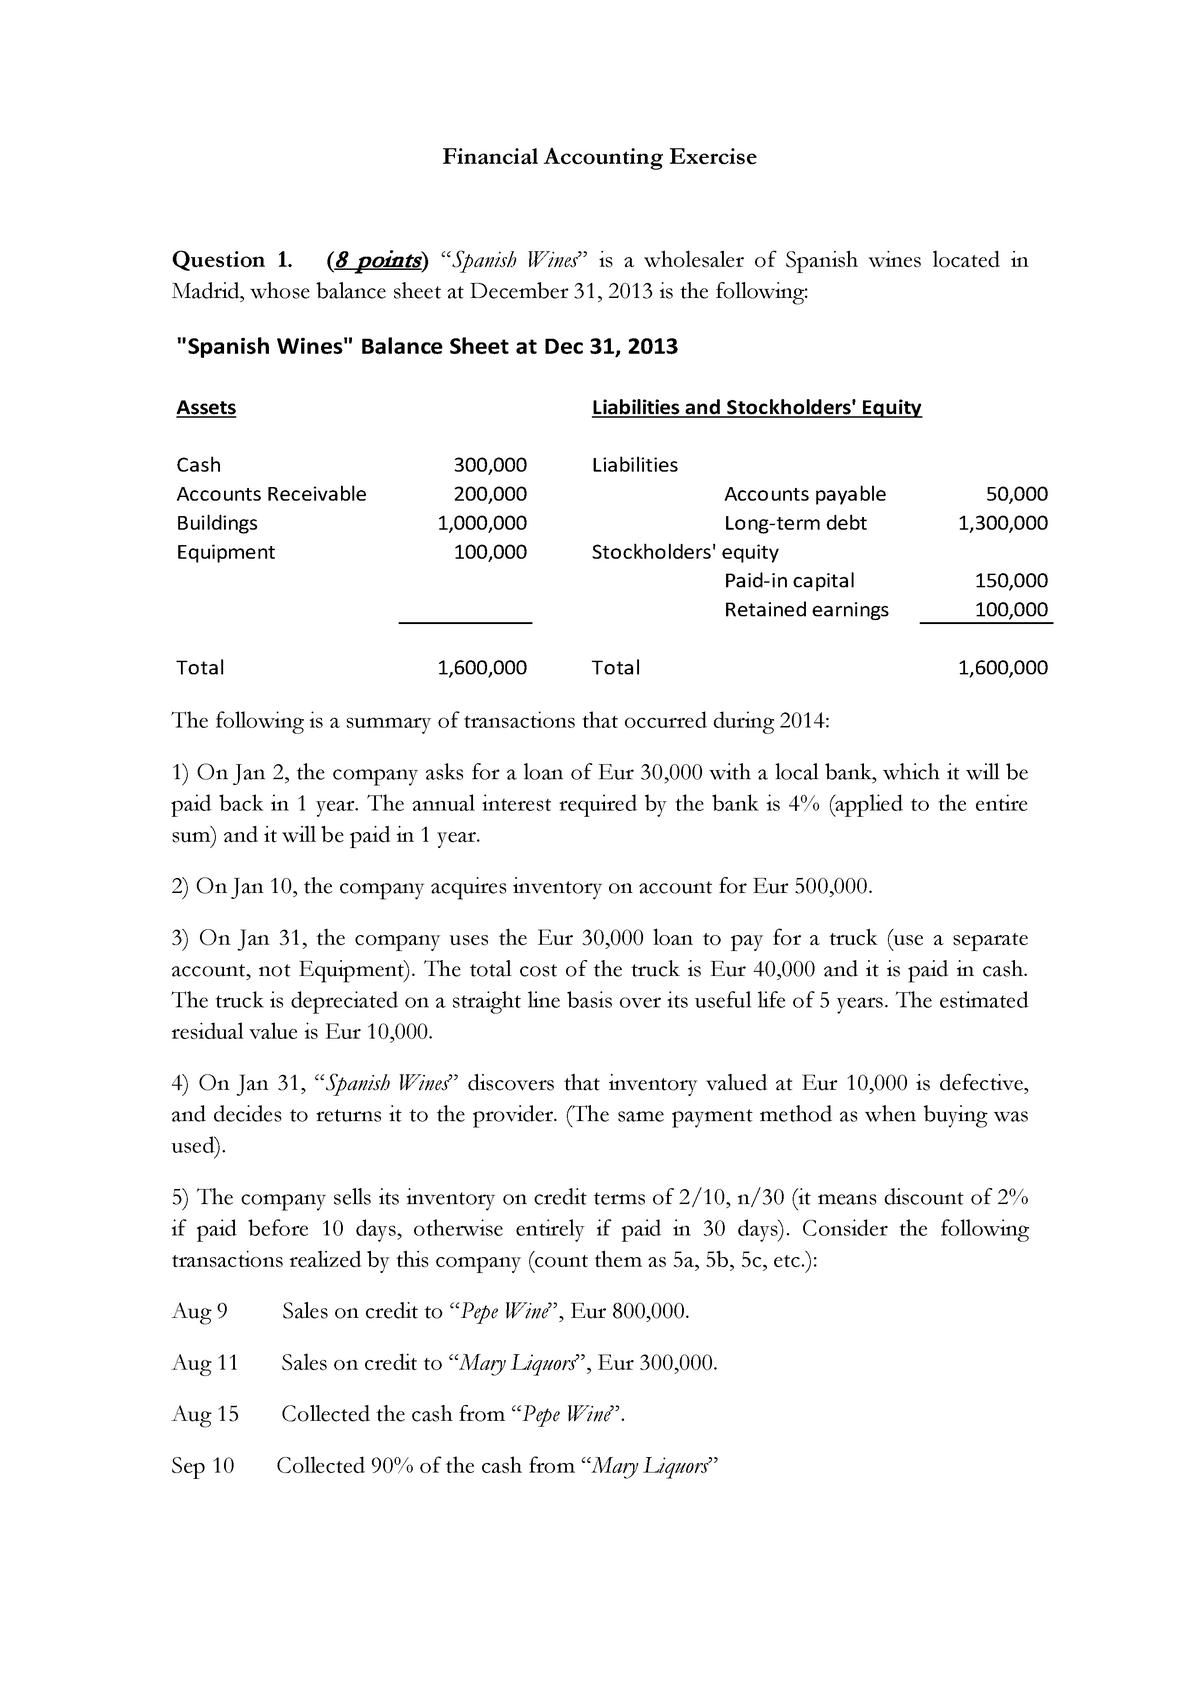 FACC Final Practice Question - Business management - StuDocu